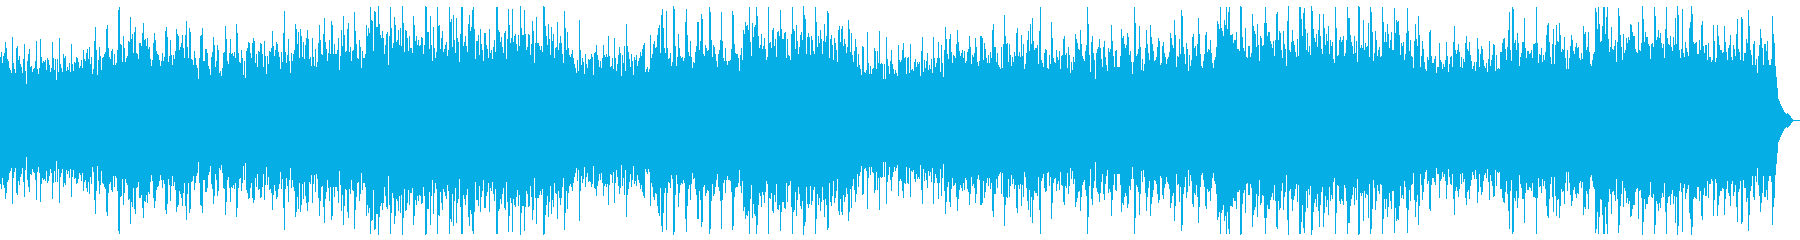 デジタル技術・知的ピアノ:フルx2回の再生済みの波形